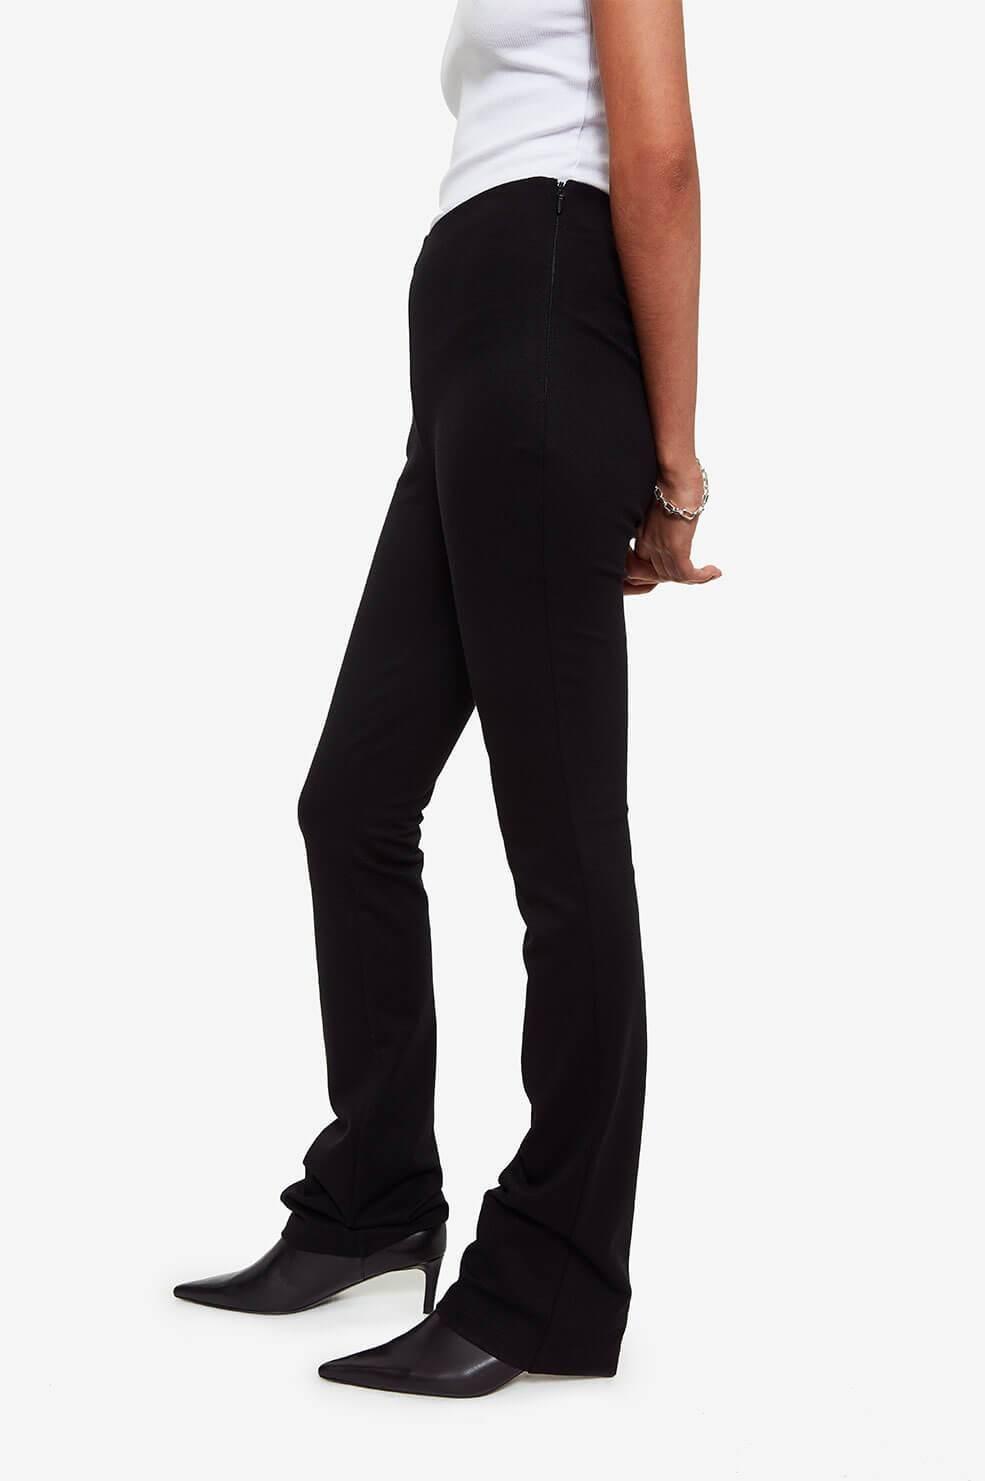 Anine Bing broek Dakota A-03-3068-000 zwart